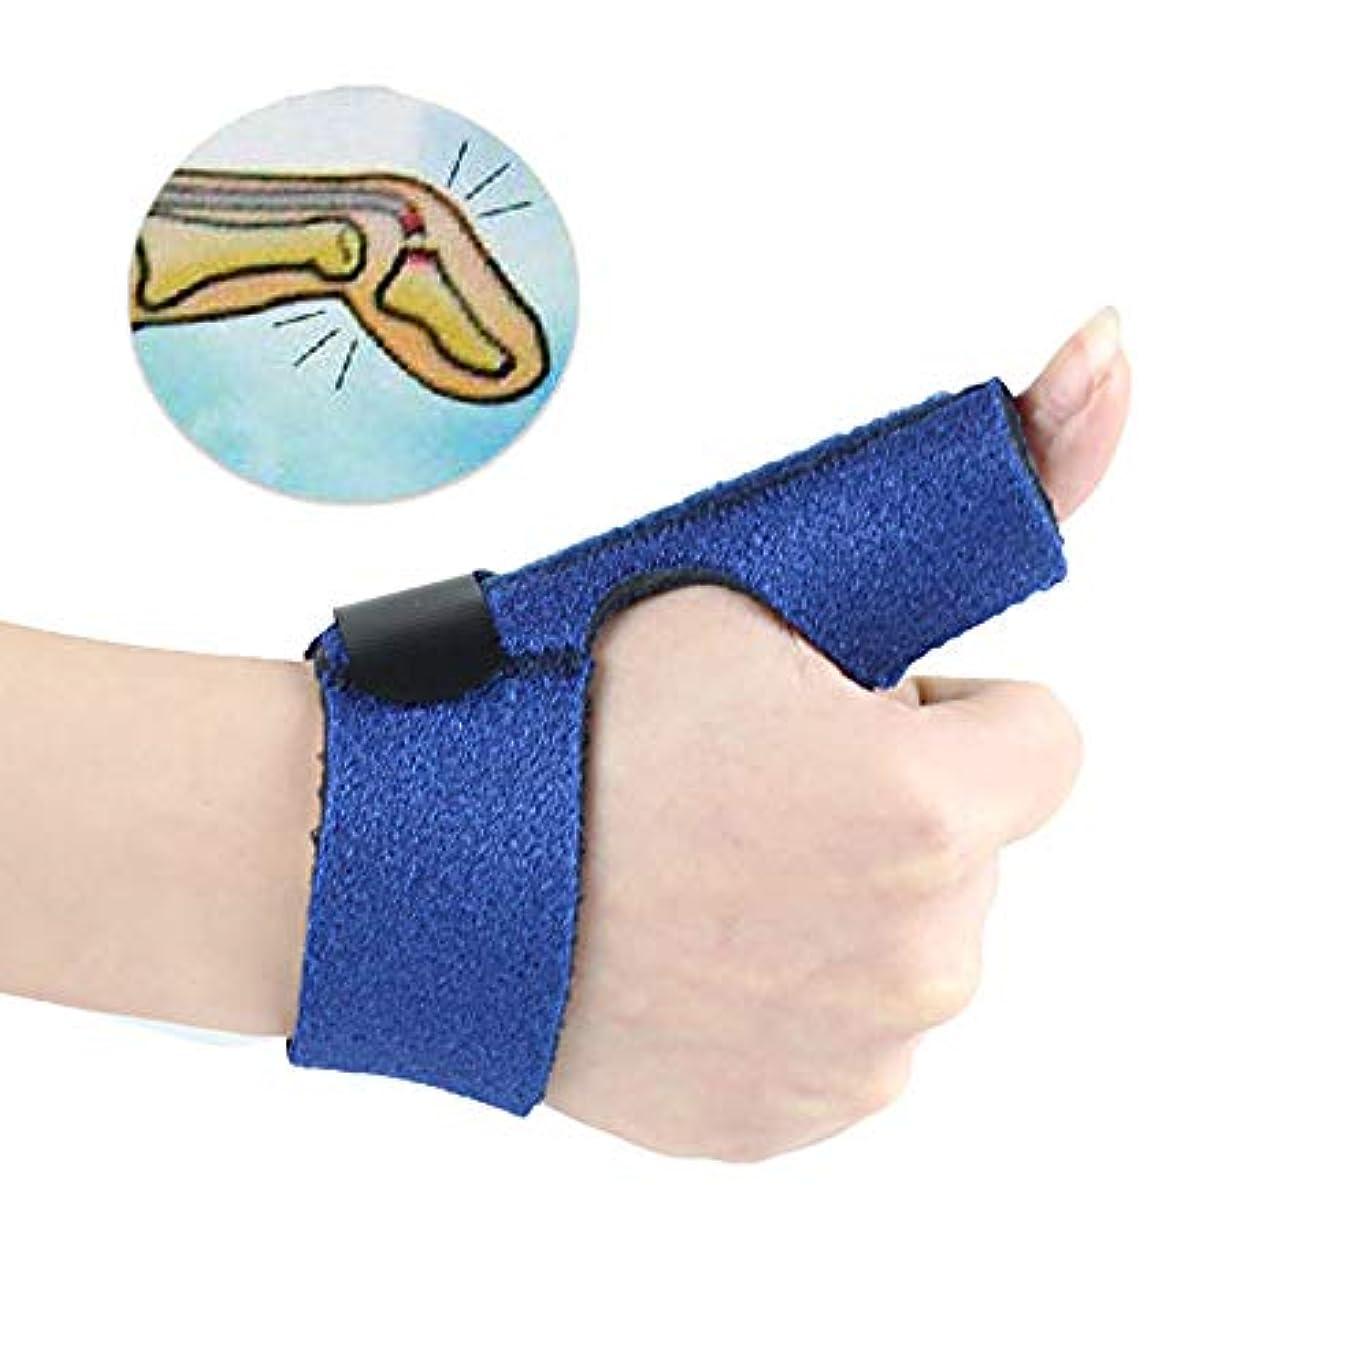 箱持っている悪質なトリガーフィンガースプリント調整可能なプロテクターフィンガーサポートブレーススプリント、指の痛みを軽減するための内蔵アルミニウムサポート